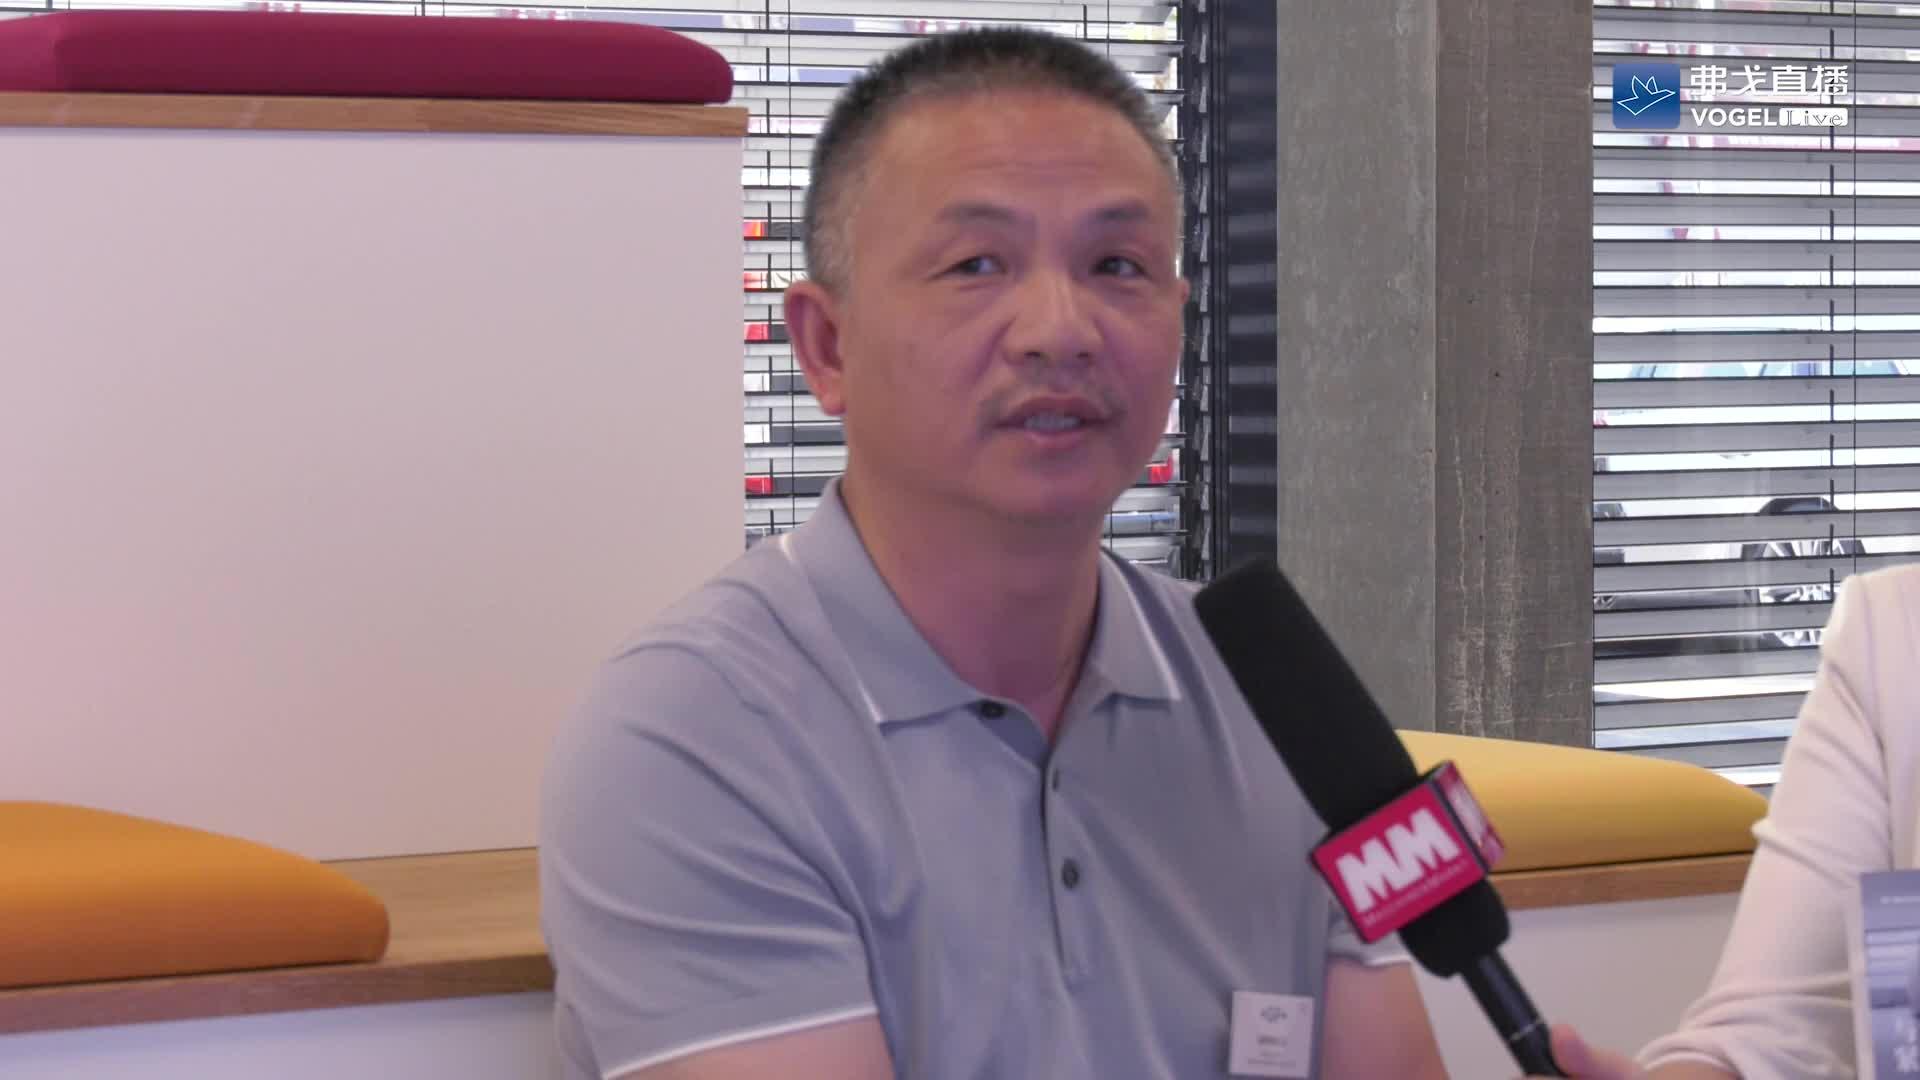 【用户声音】黎世海先生 德阳钰鑫机械制造有限公司总经理